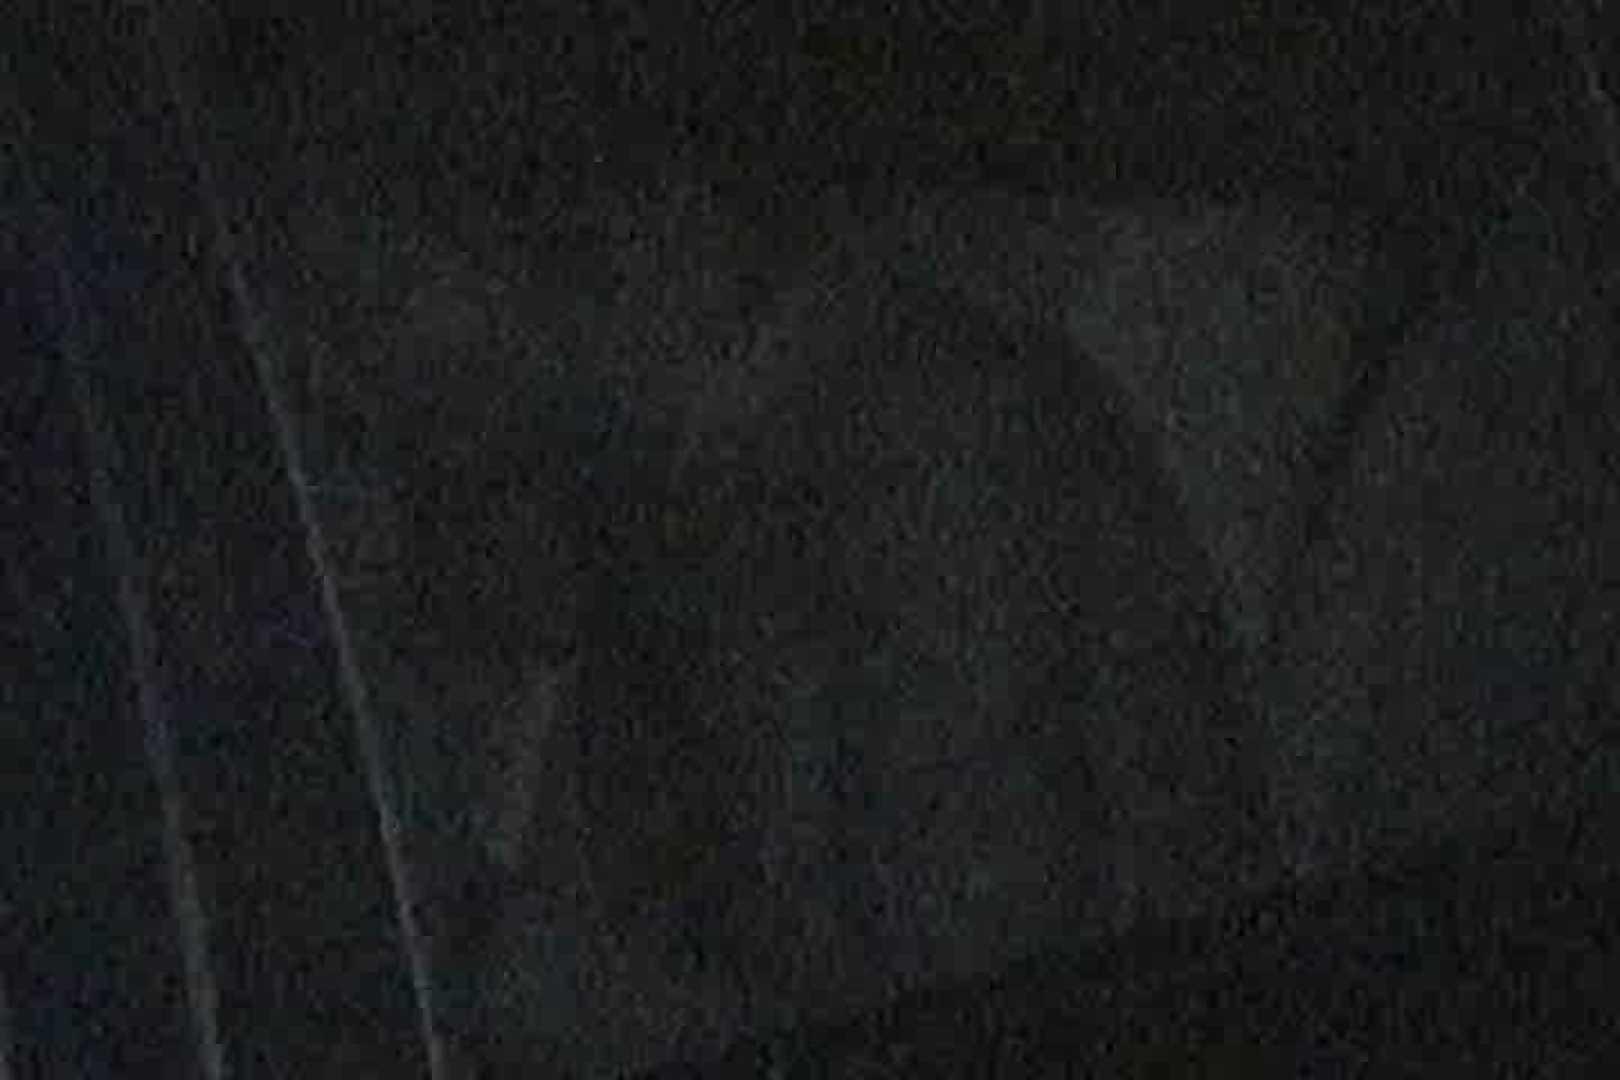 充血監督の深夜の運動会Vol.8 チクビ  98枚 24